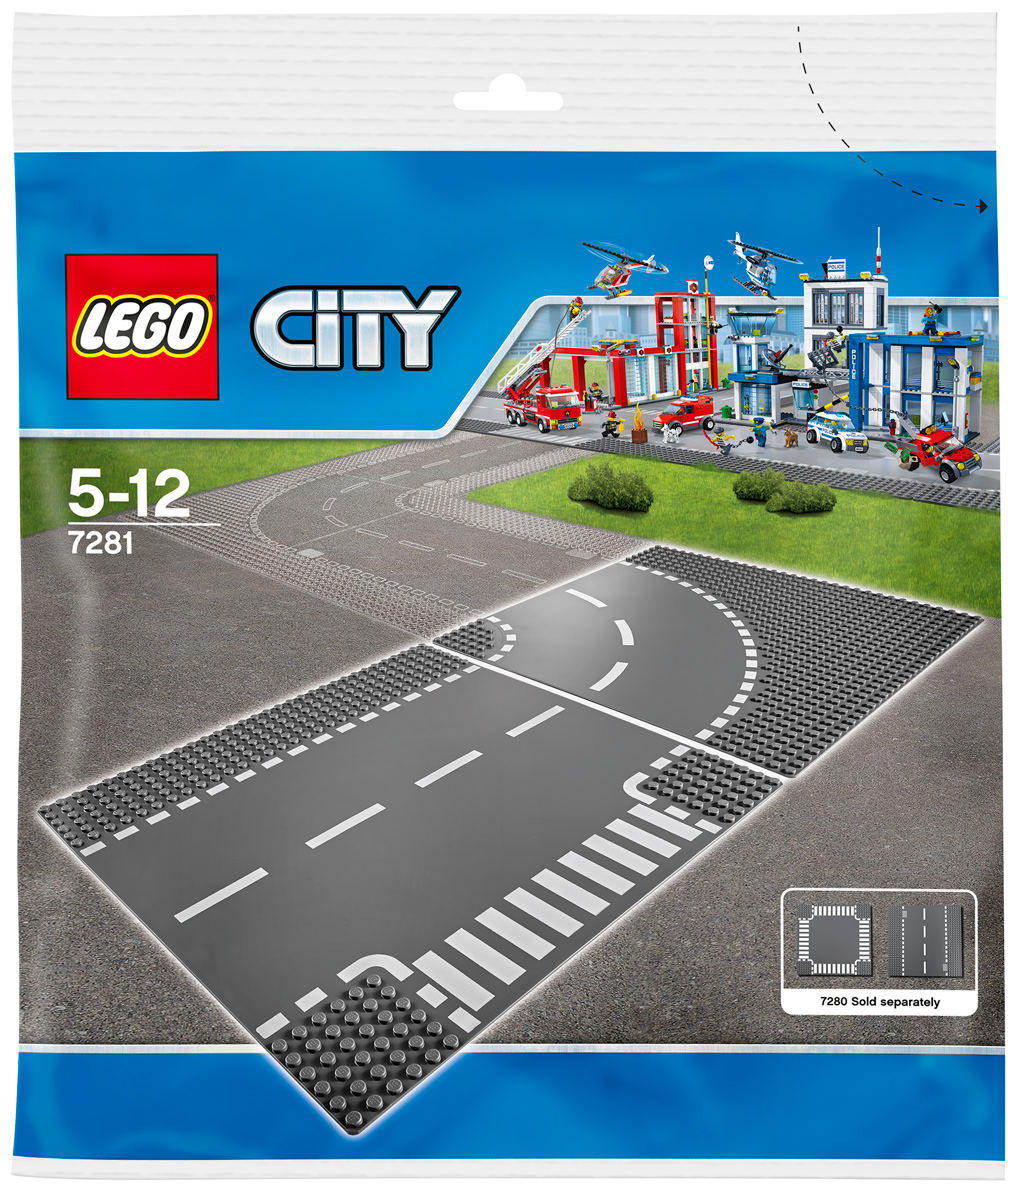 LEGO City Конструктор Т-образная развязка 7281 lego city конструктор внедорожник каскадера 60146